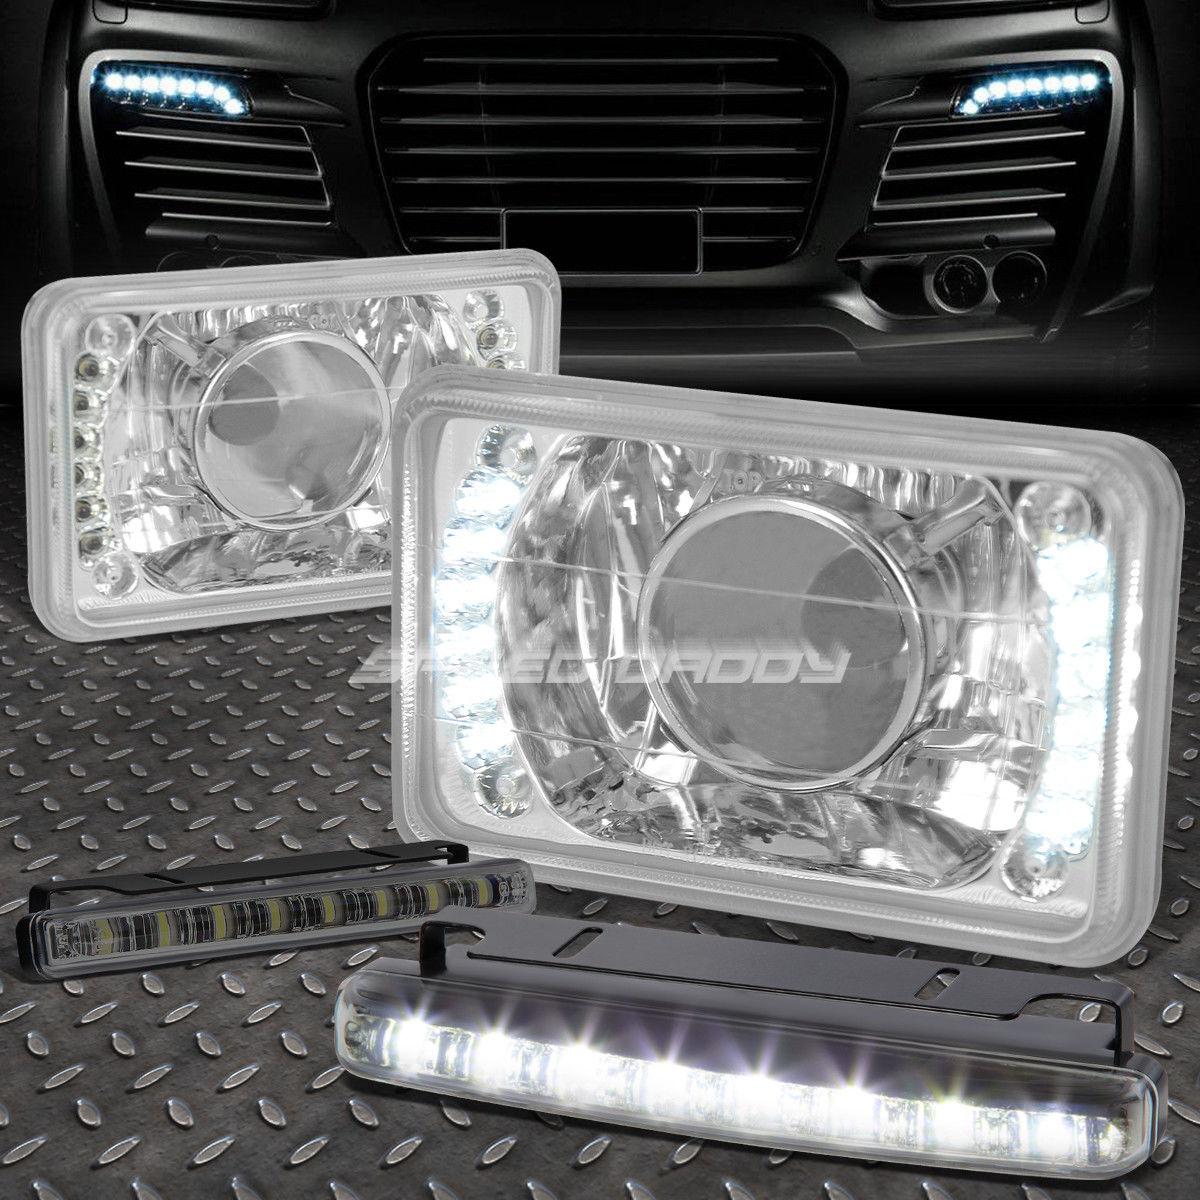 フォグライト 4x6 SQUARE CHROME PROJECTOR LED HEADLIGHT+8 LED SMOKE FOG LIGHT FOR VW/NISSAN 4x6スクエアクロームプロジェクターLEDヘッドライト+ VW / NISSAN用8 LED SMOKE FOGライト